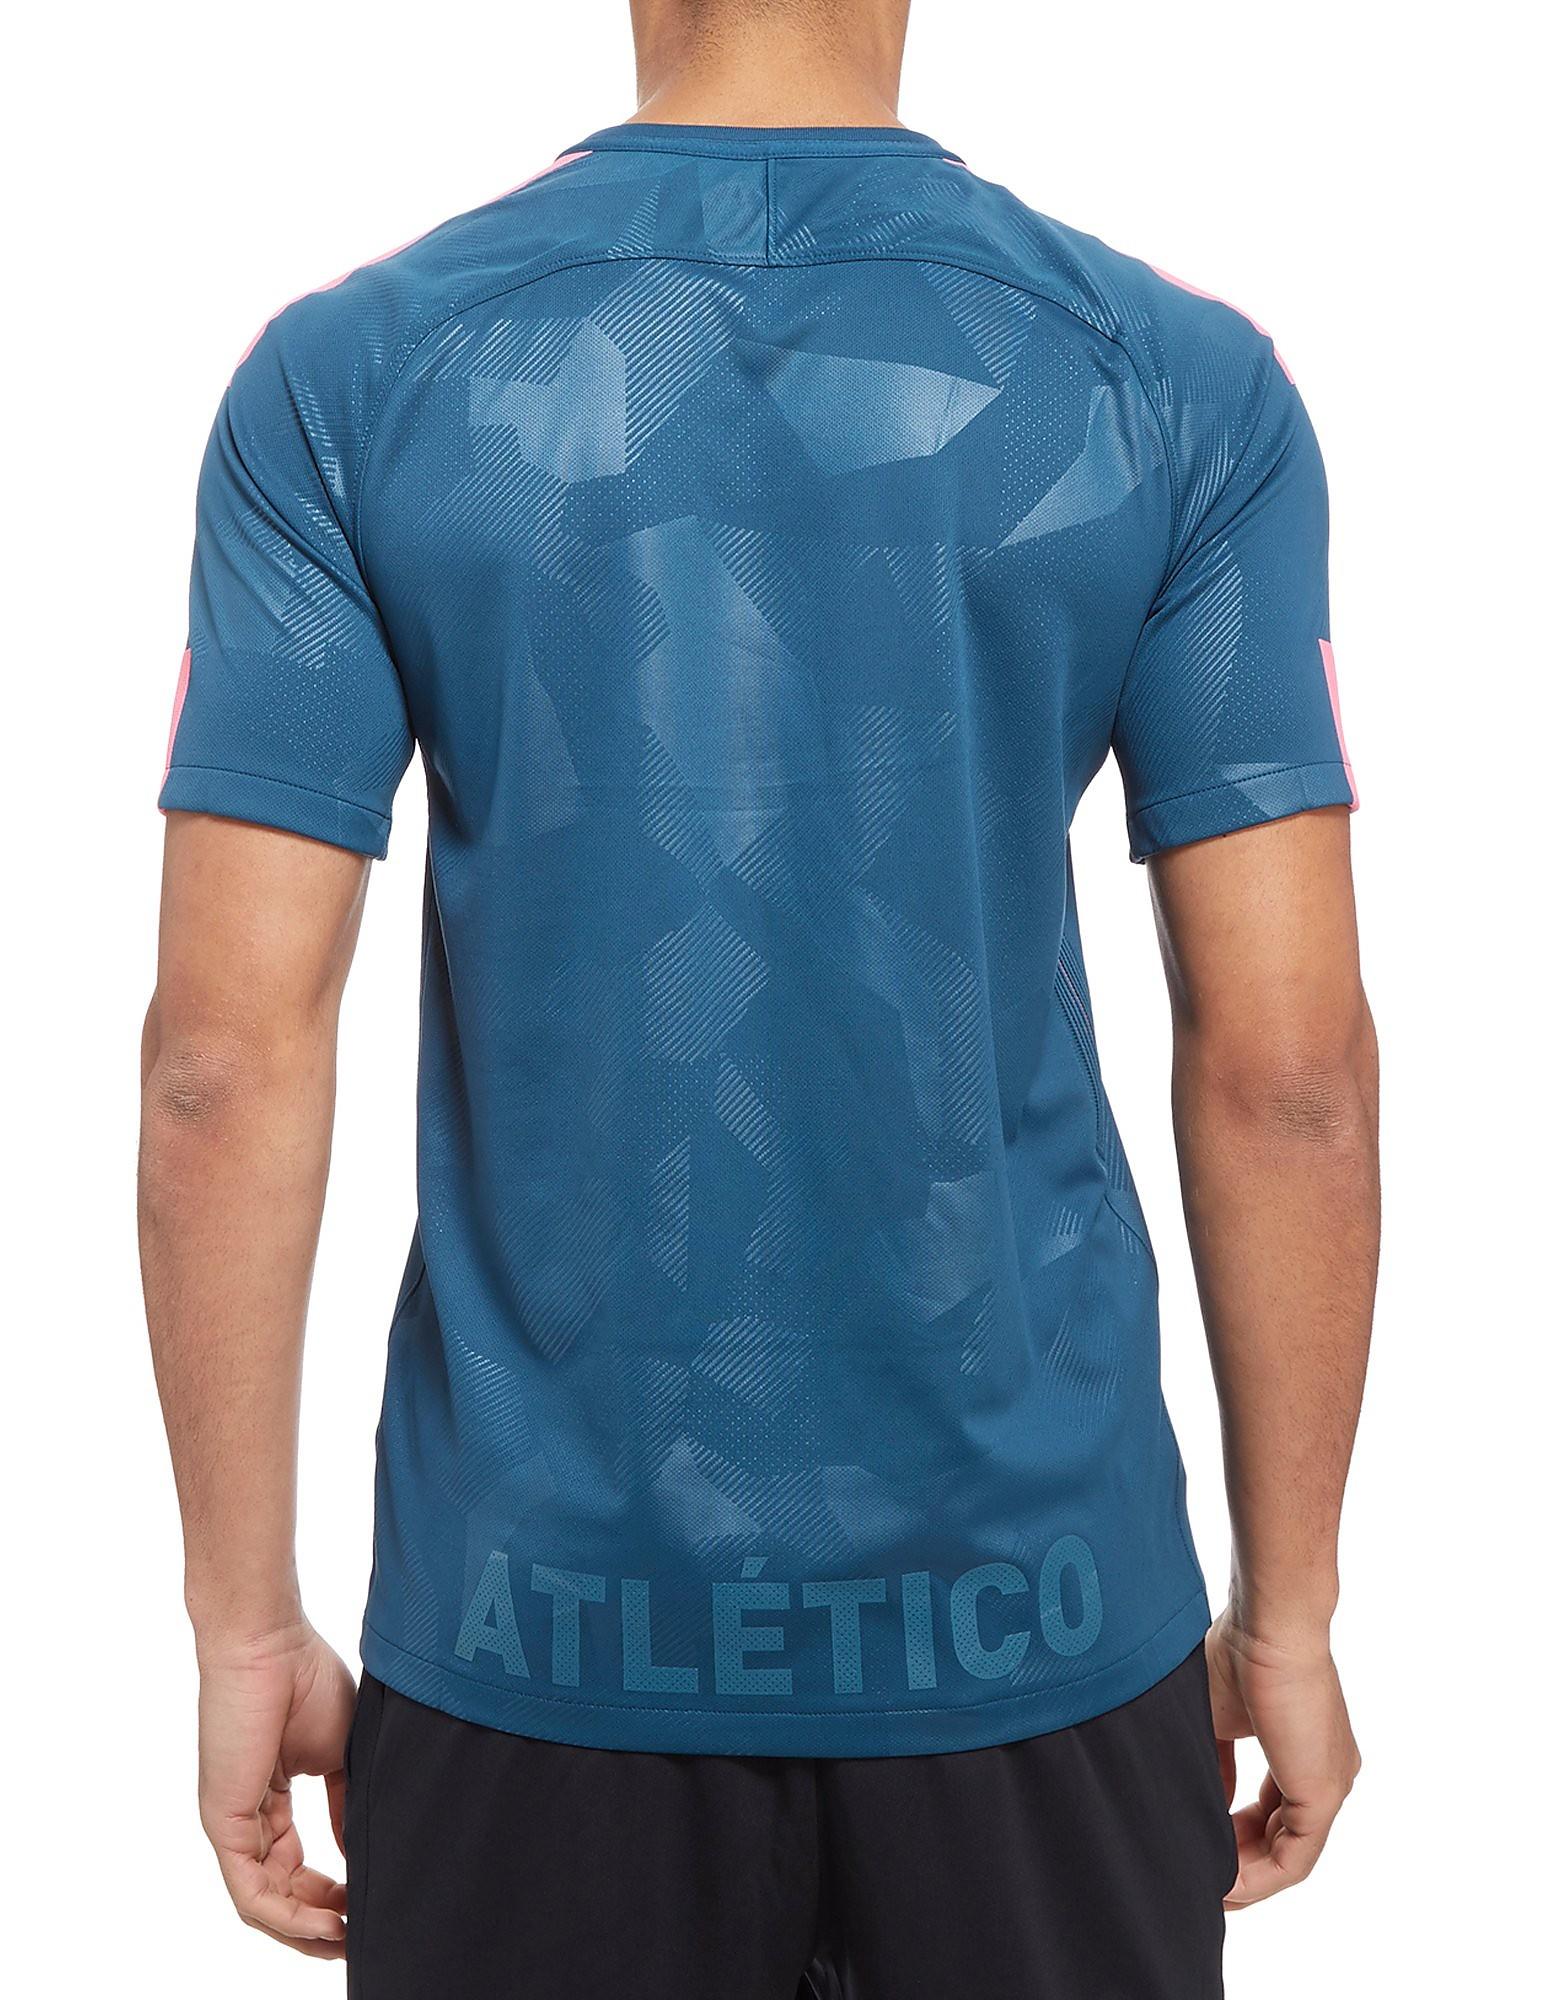 Nike Atletico Madrid 2017/18 Third Shirt